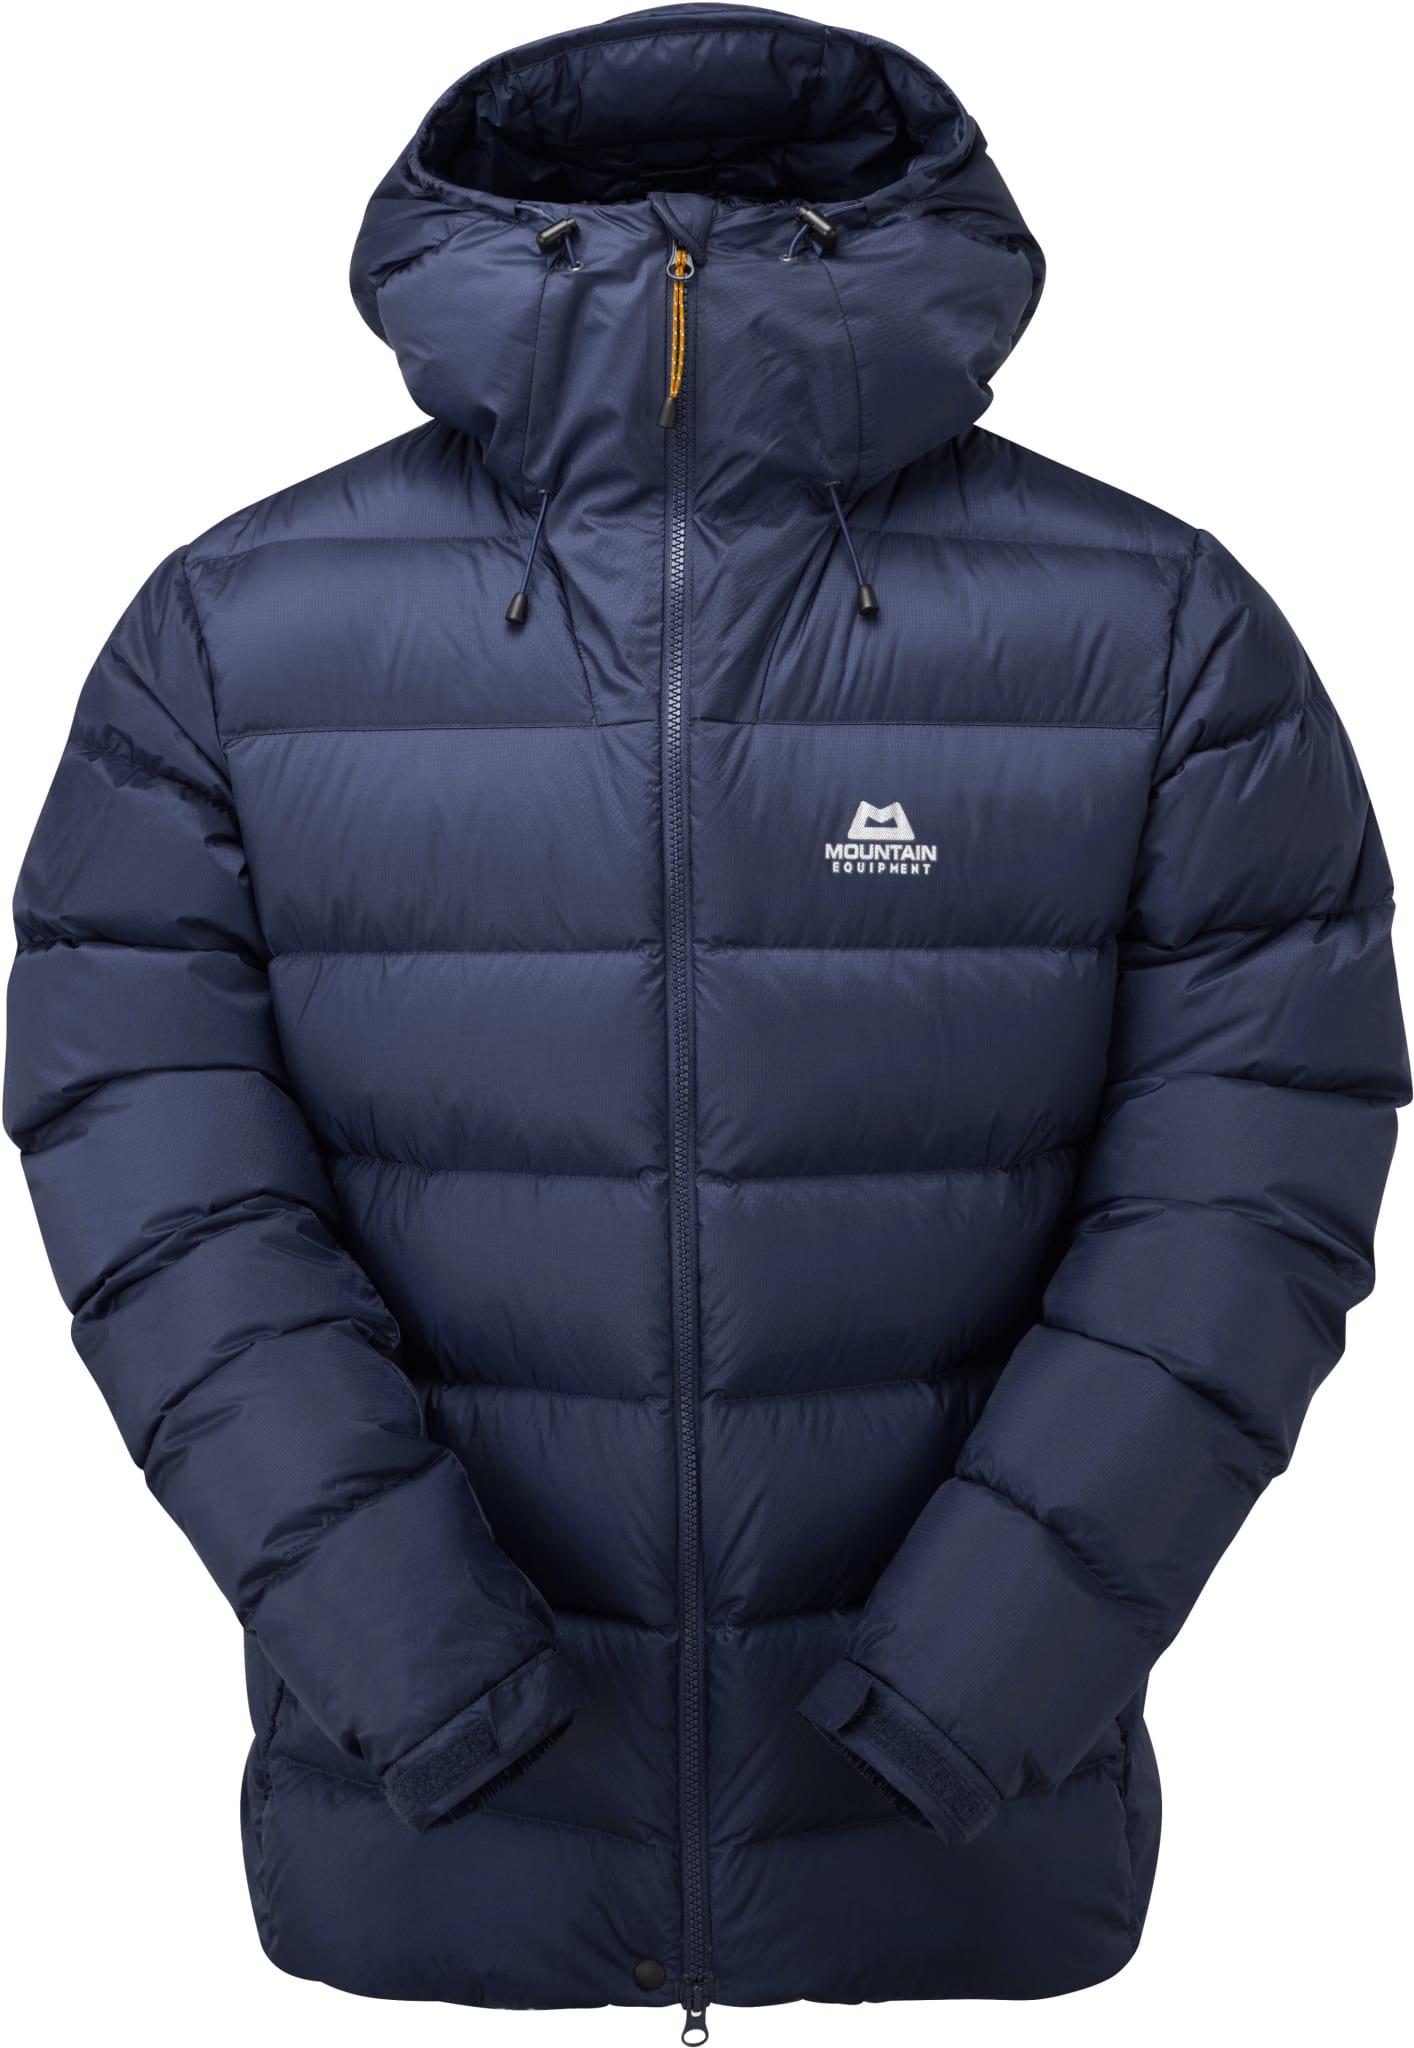 Super jakke med lang fartstid og mye erfaring